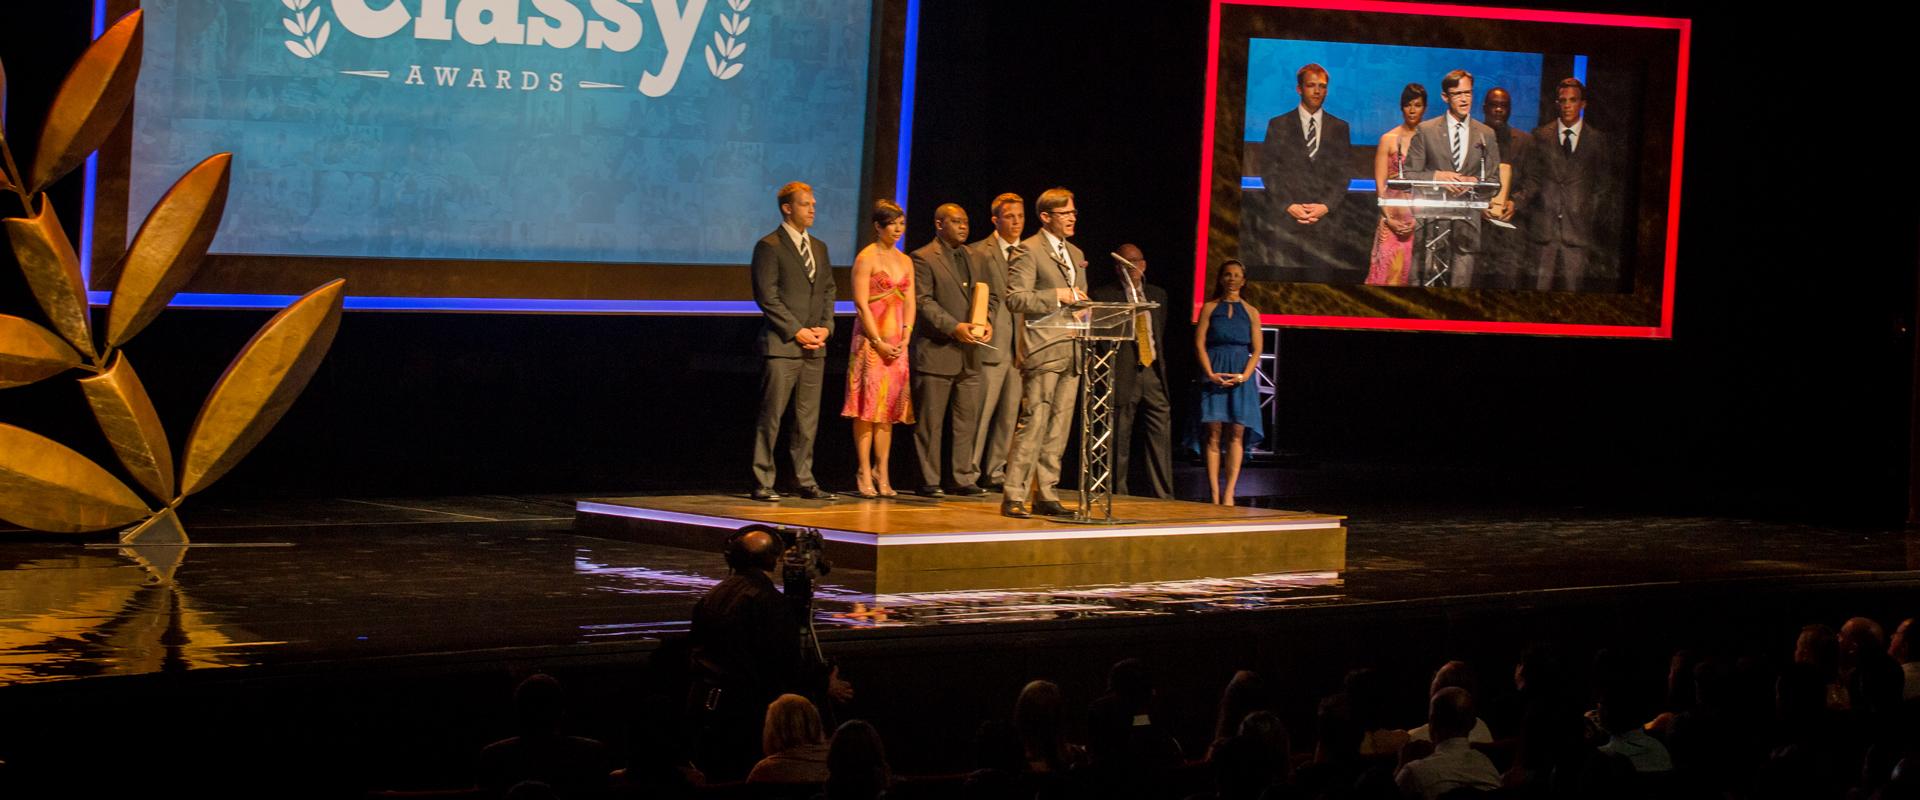 Classy awards panel